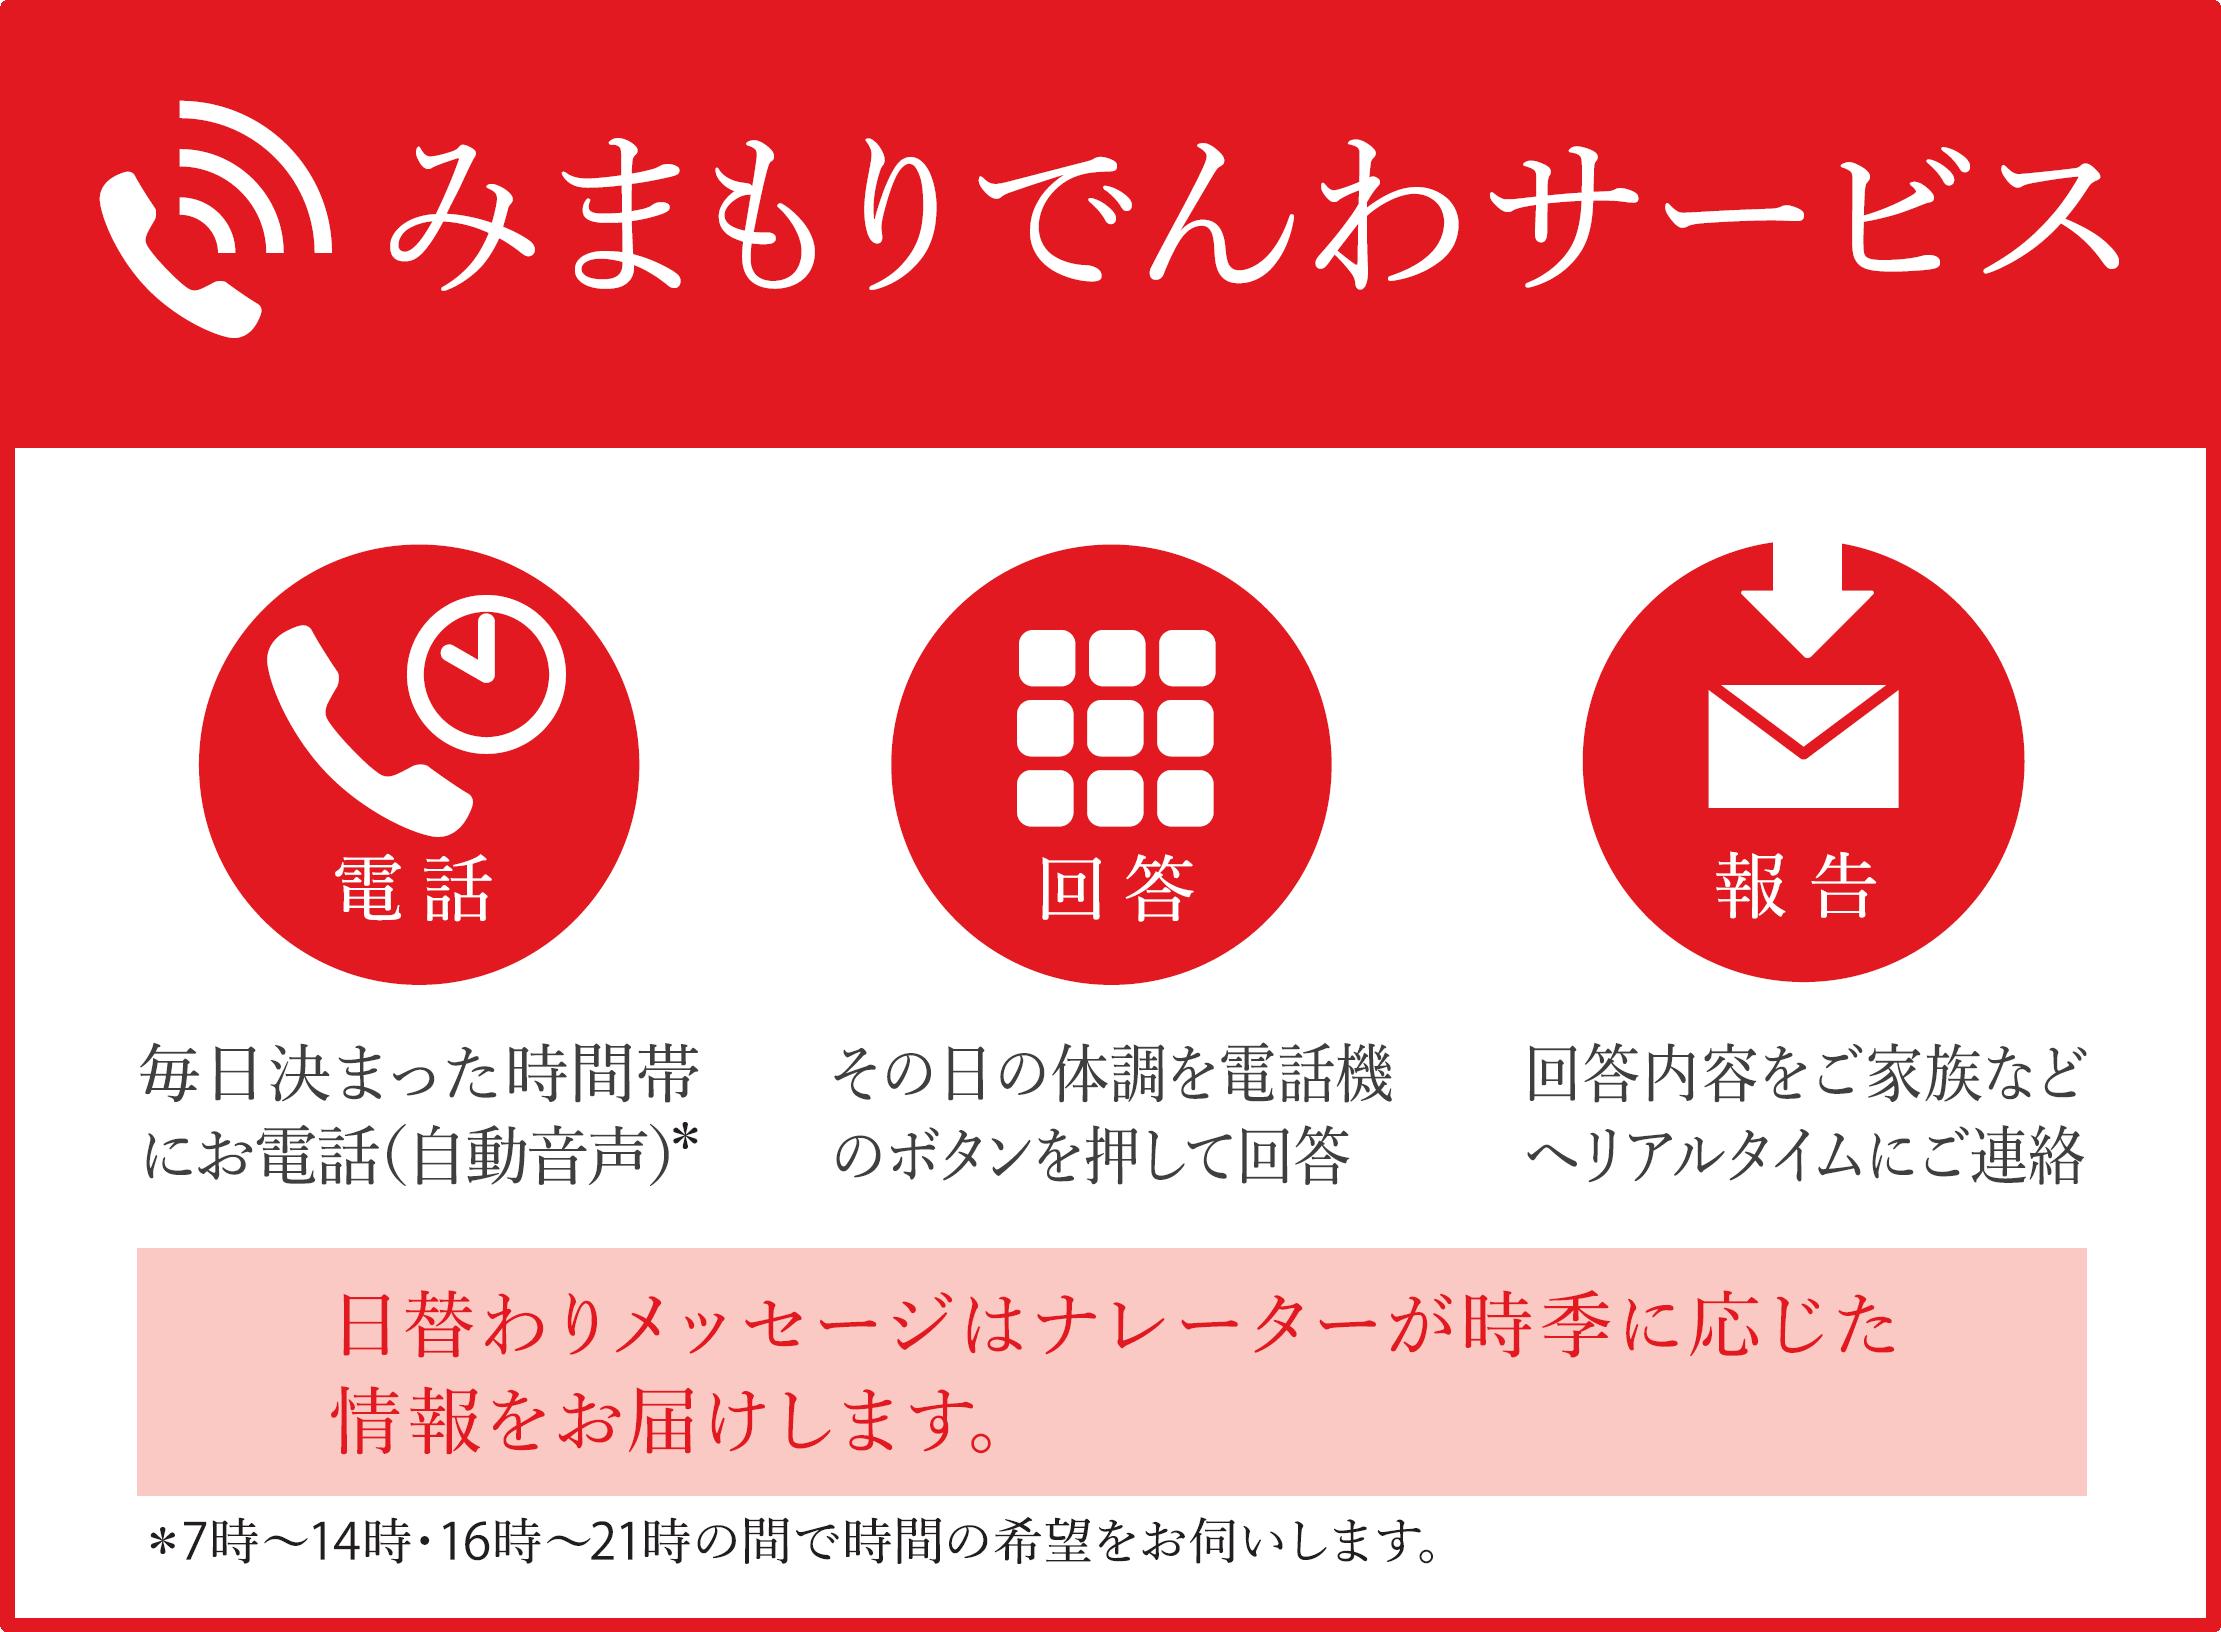 みまもりでんわサービス【携帯電話】(12か月間)